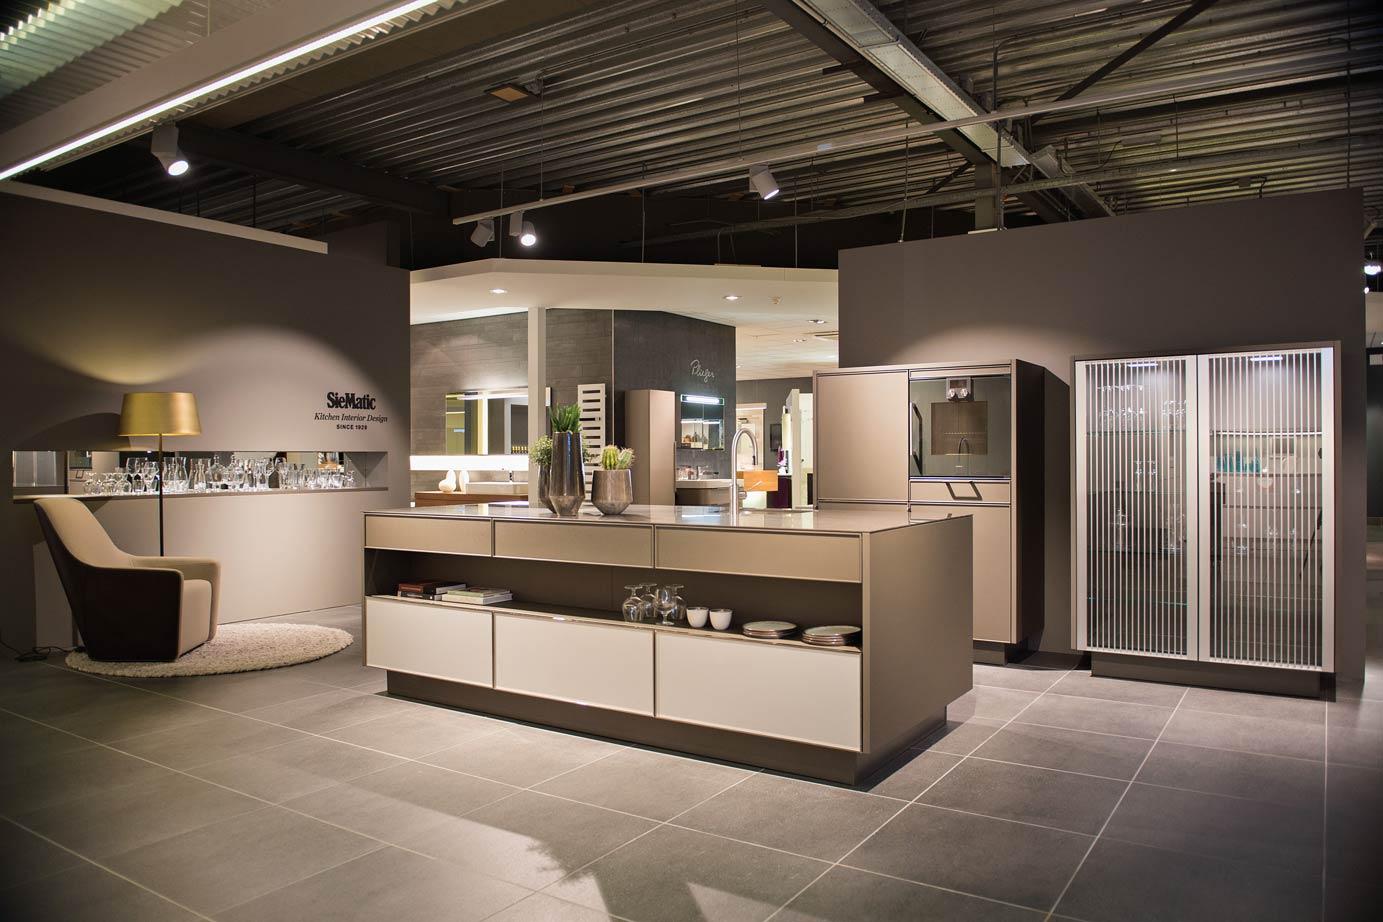 Siematic Keukens Utrecht : Siematic keuken kopen kies betrouwbaarste keukenspecialist keur